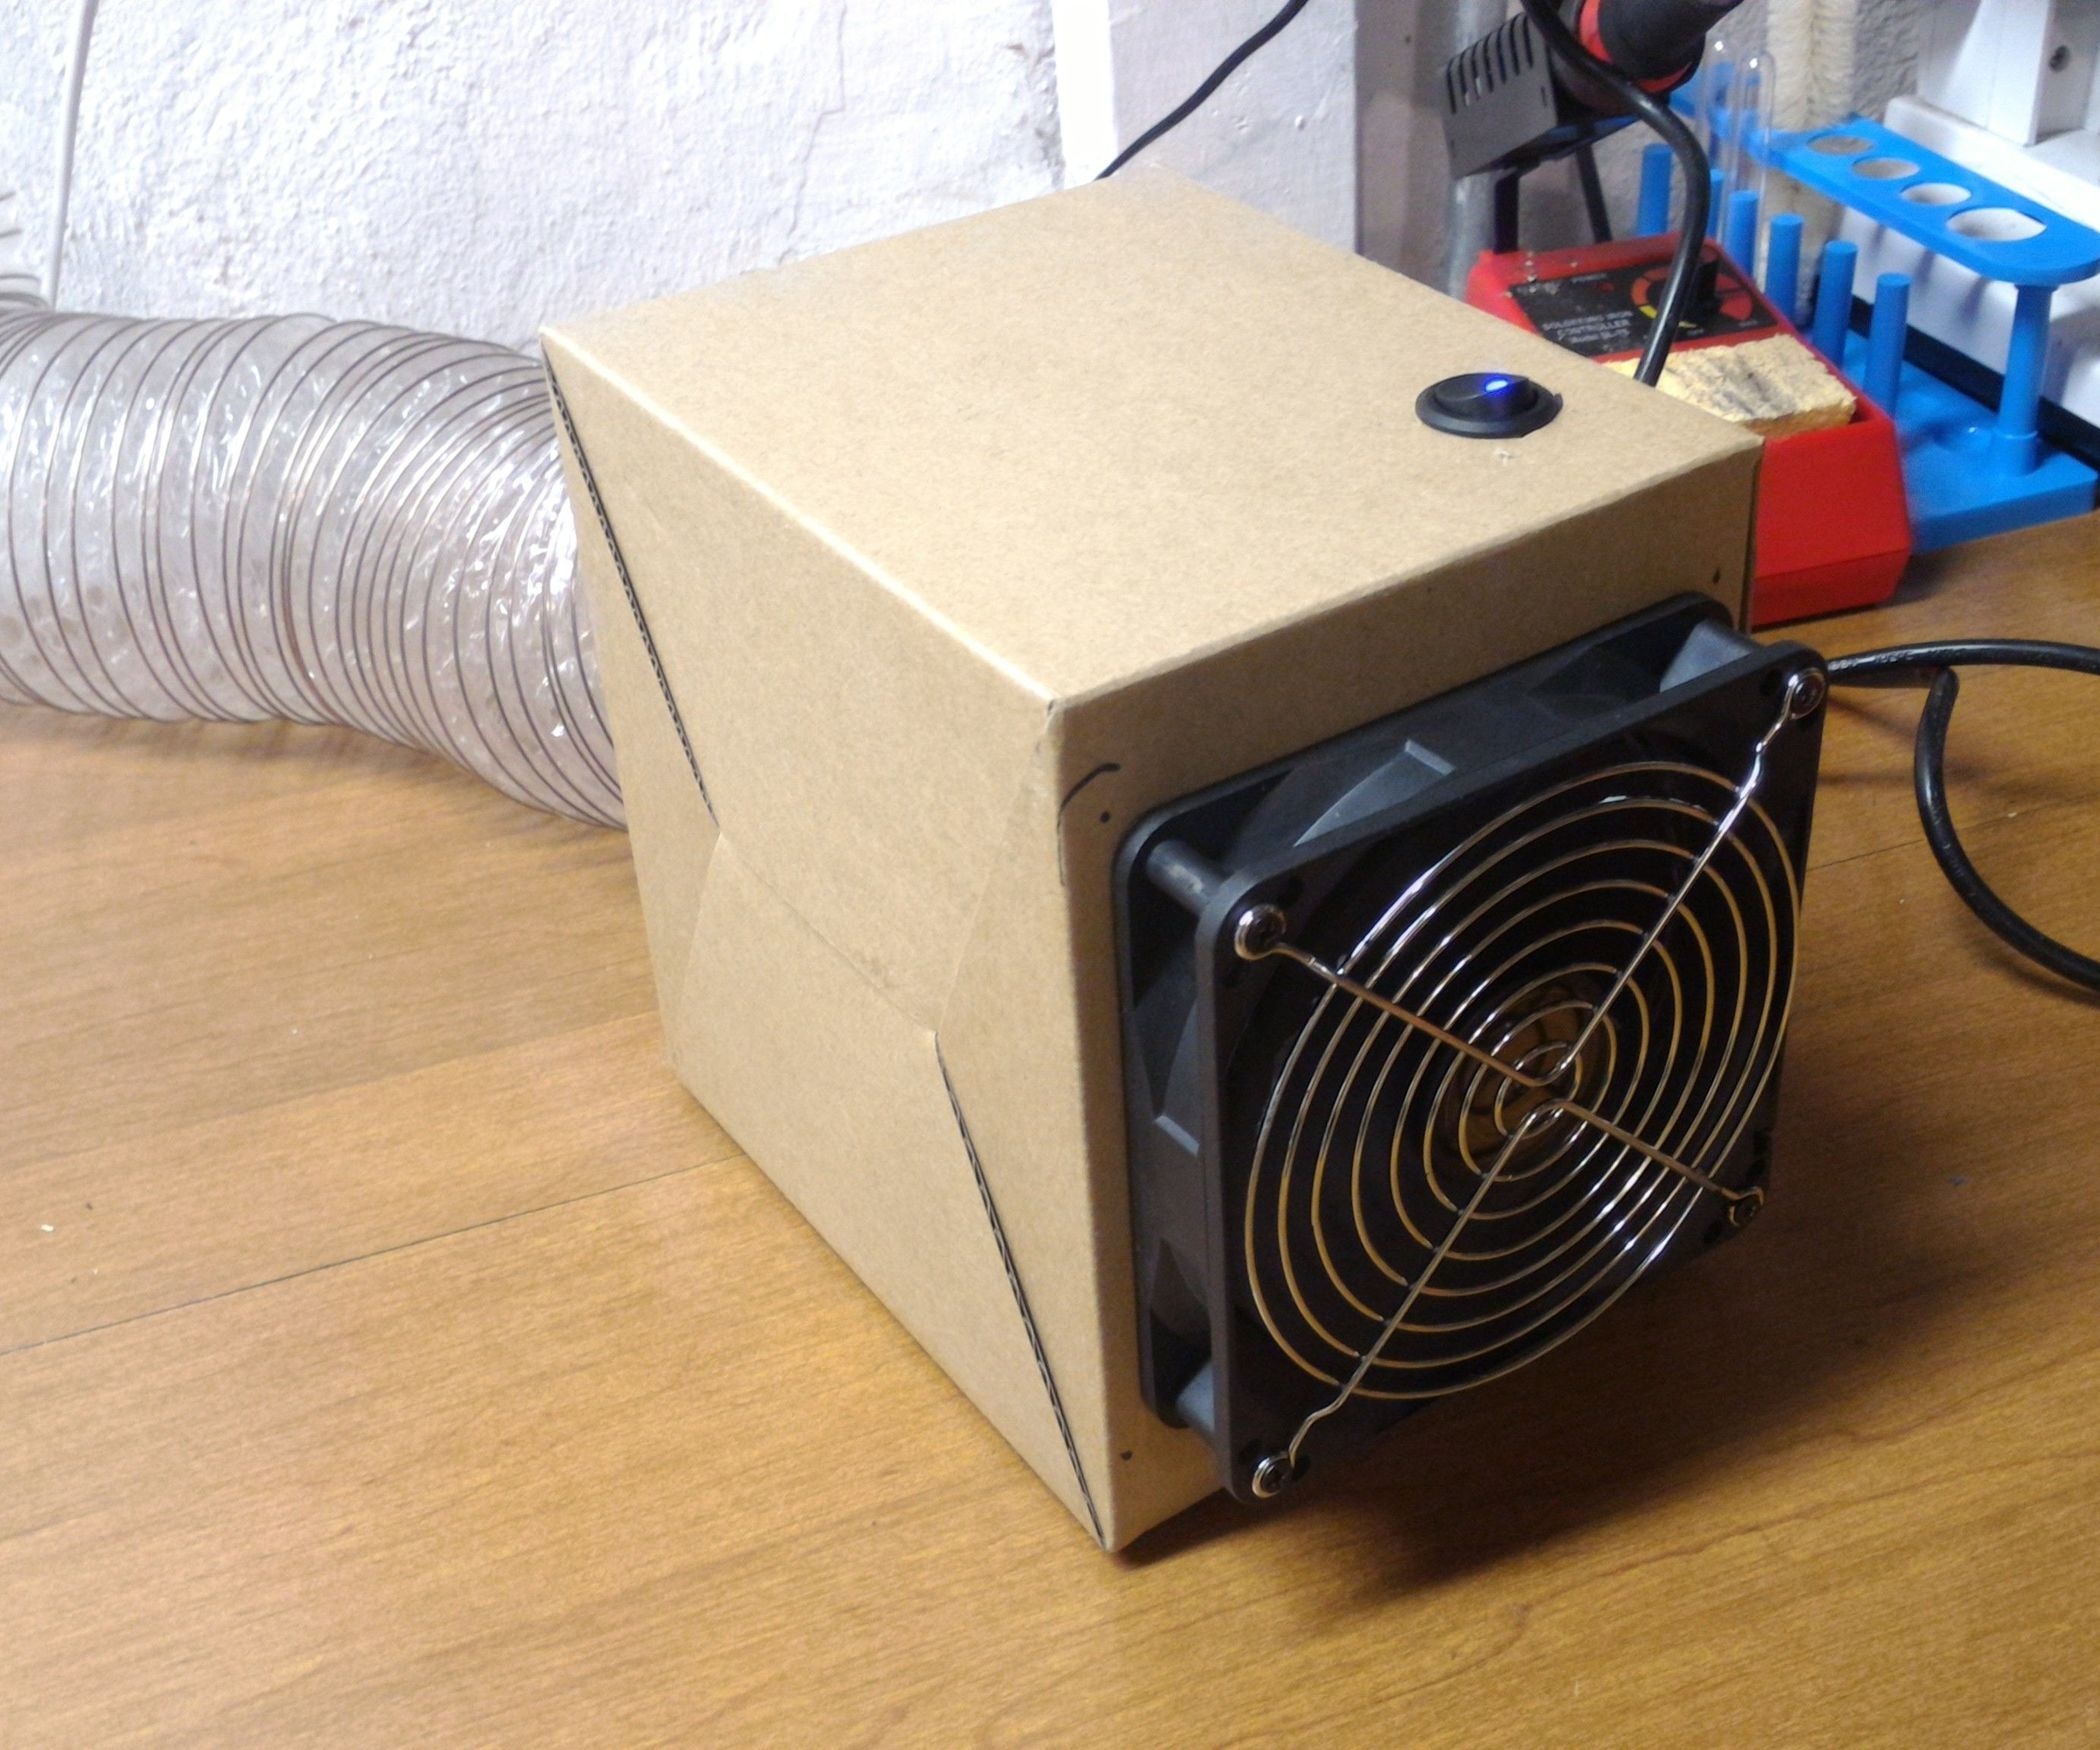 Diy solder fume extractor box diy soldering fumes